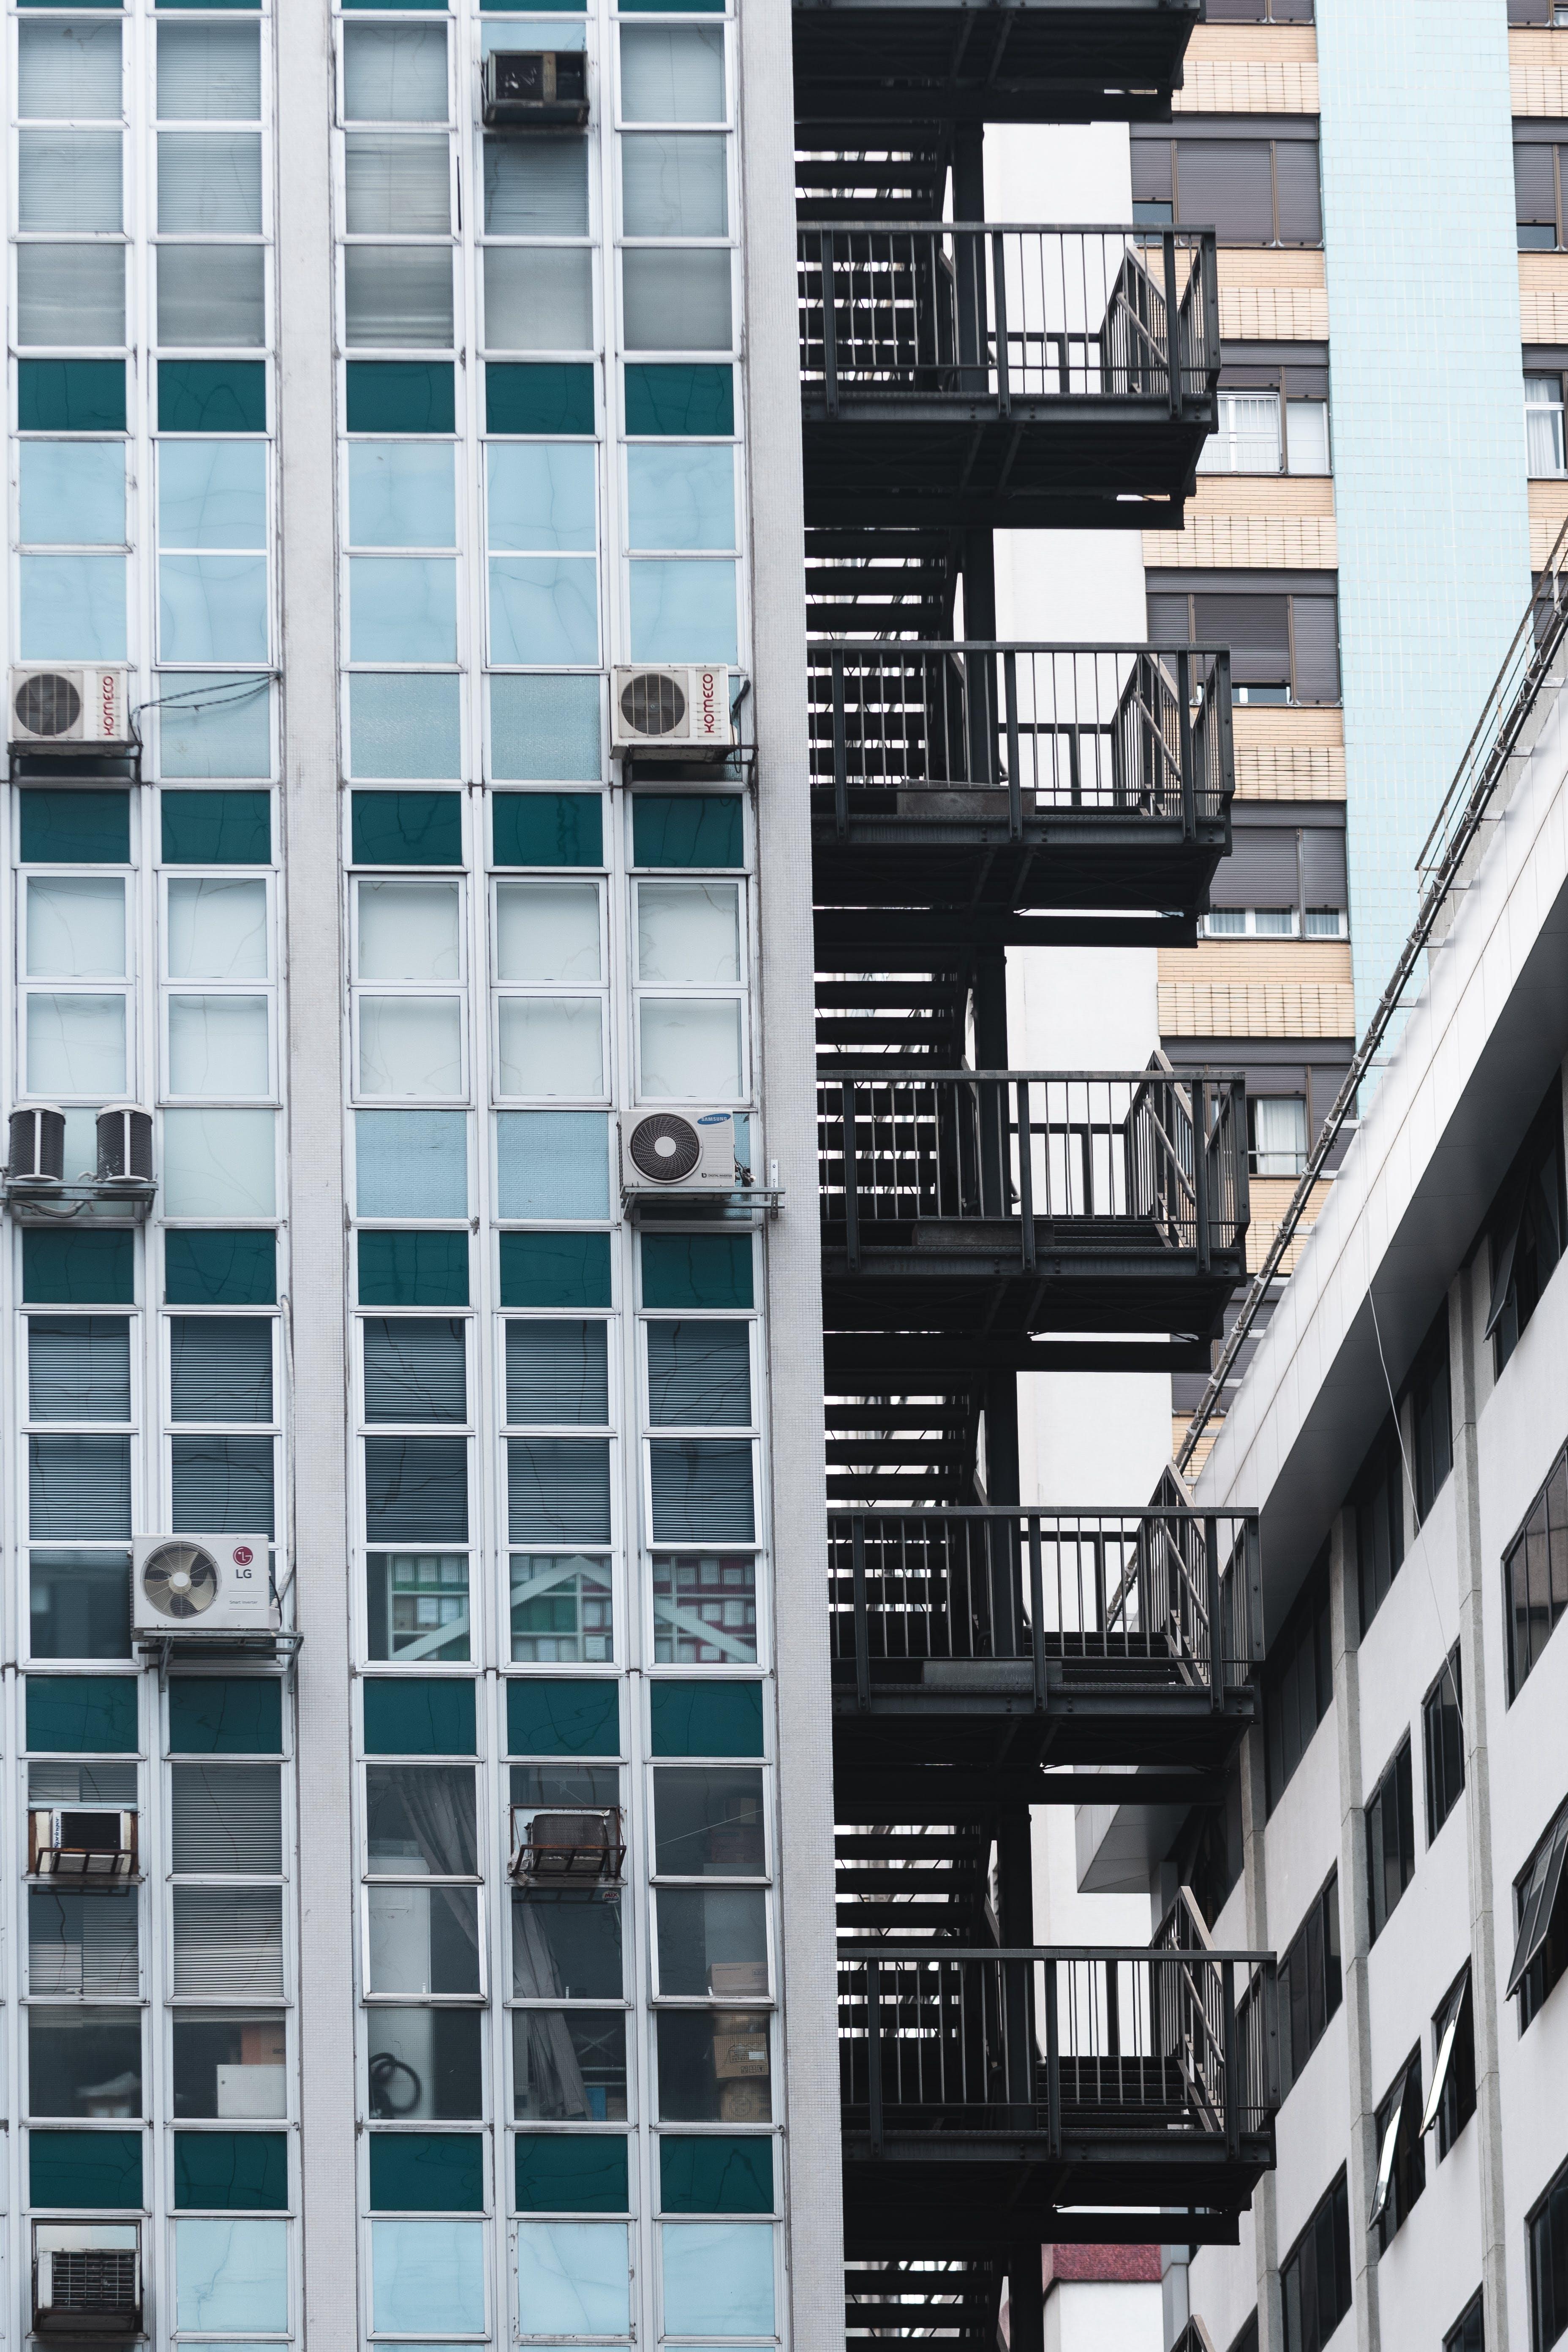 Fotos de stock gratuitas de azul, Bloque de pisos, Brasil, calle